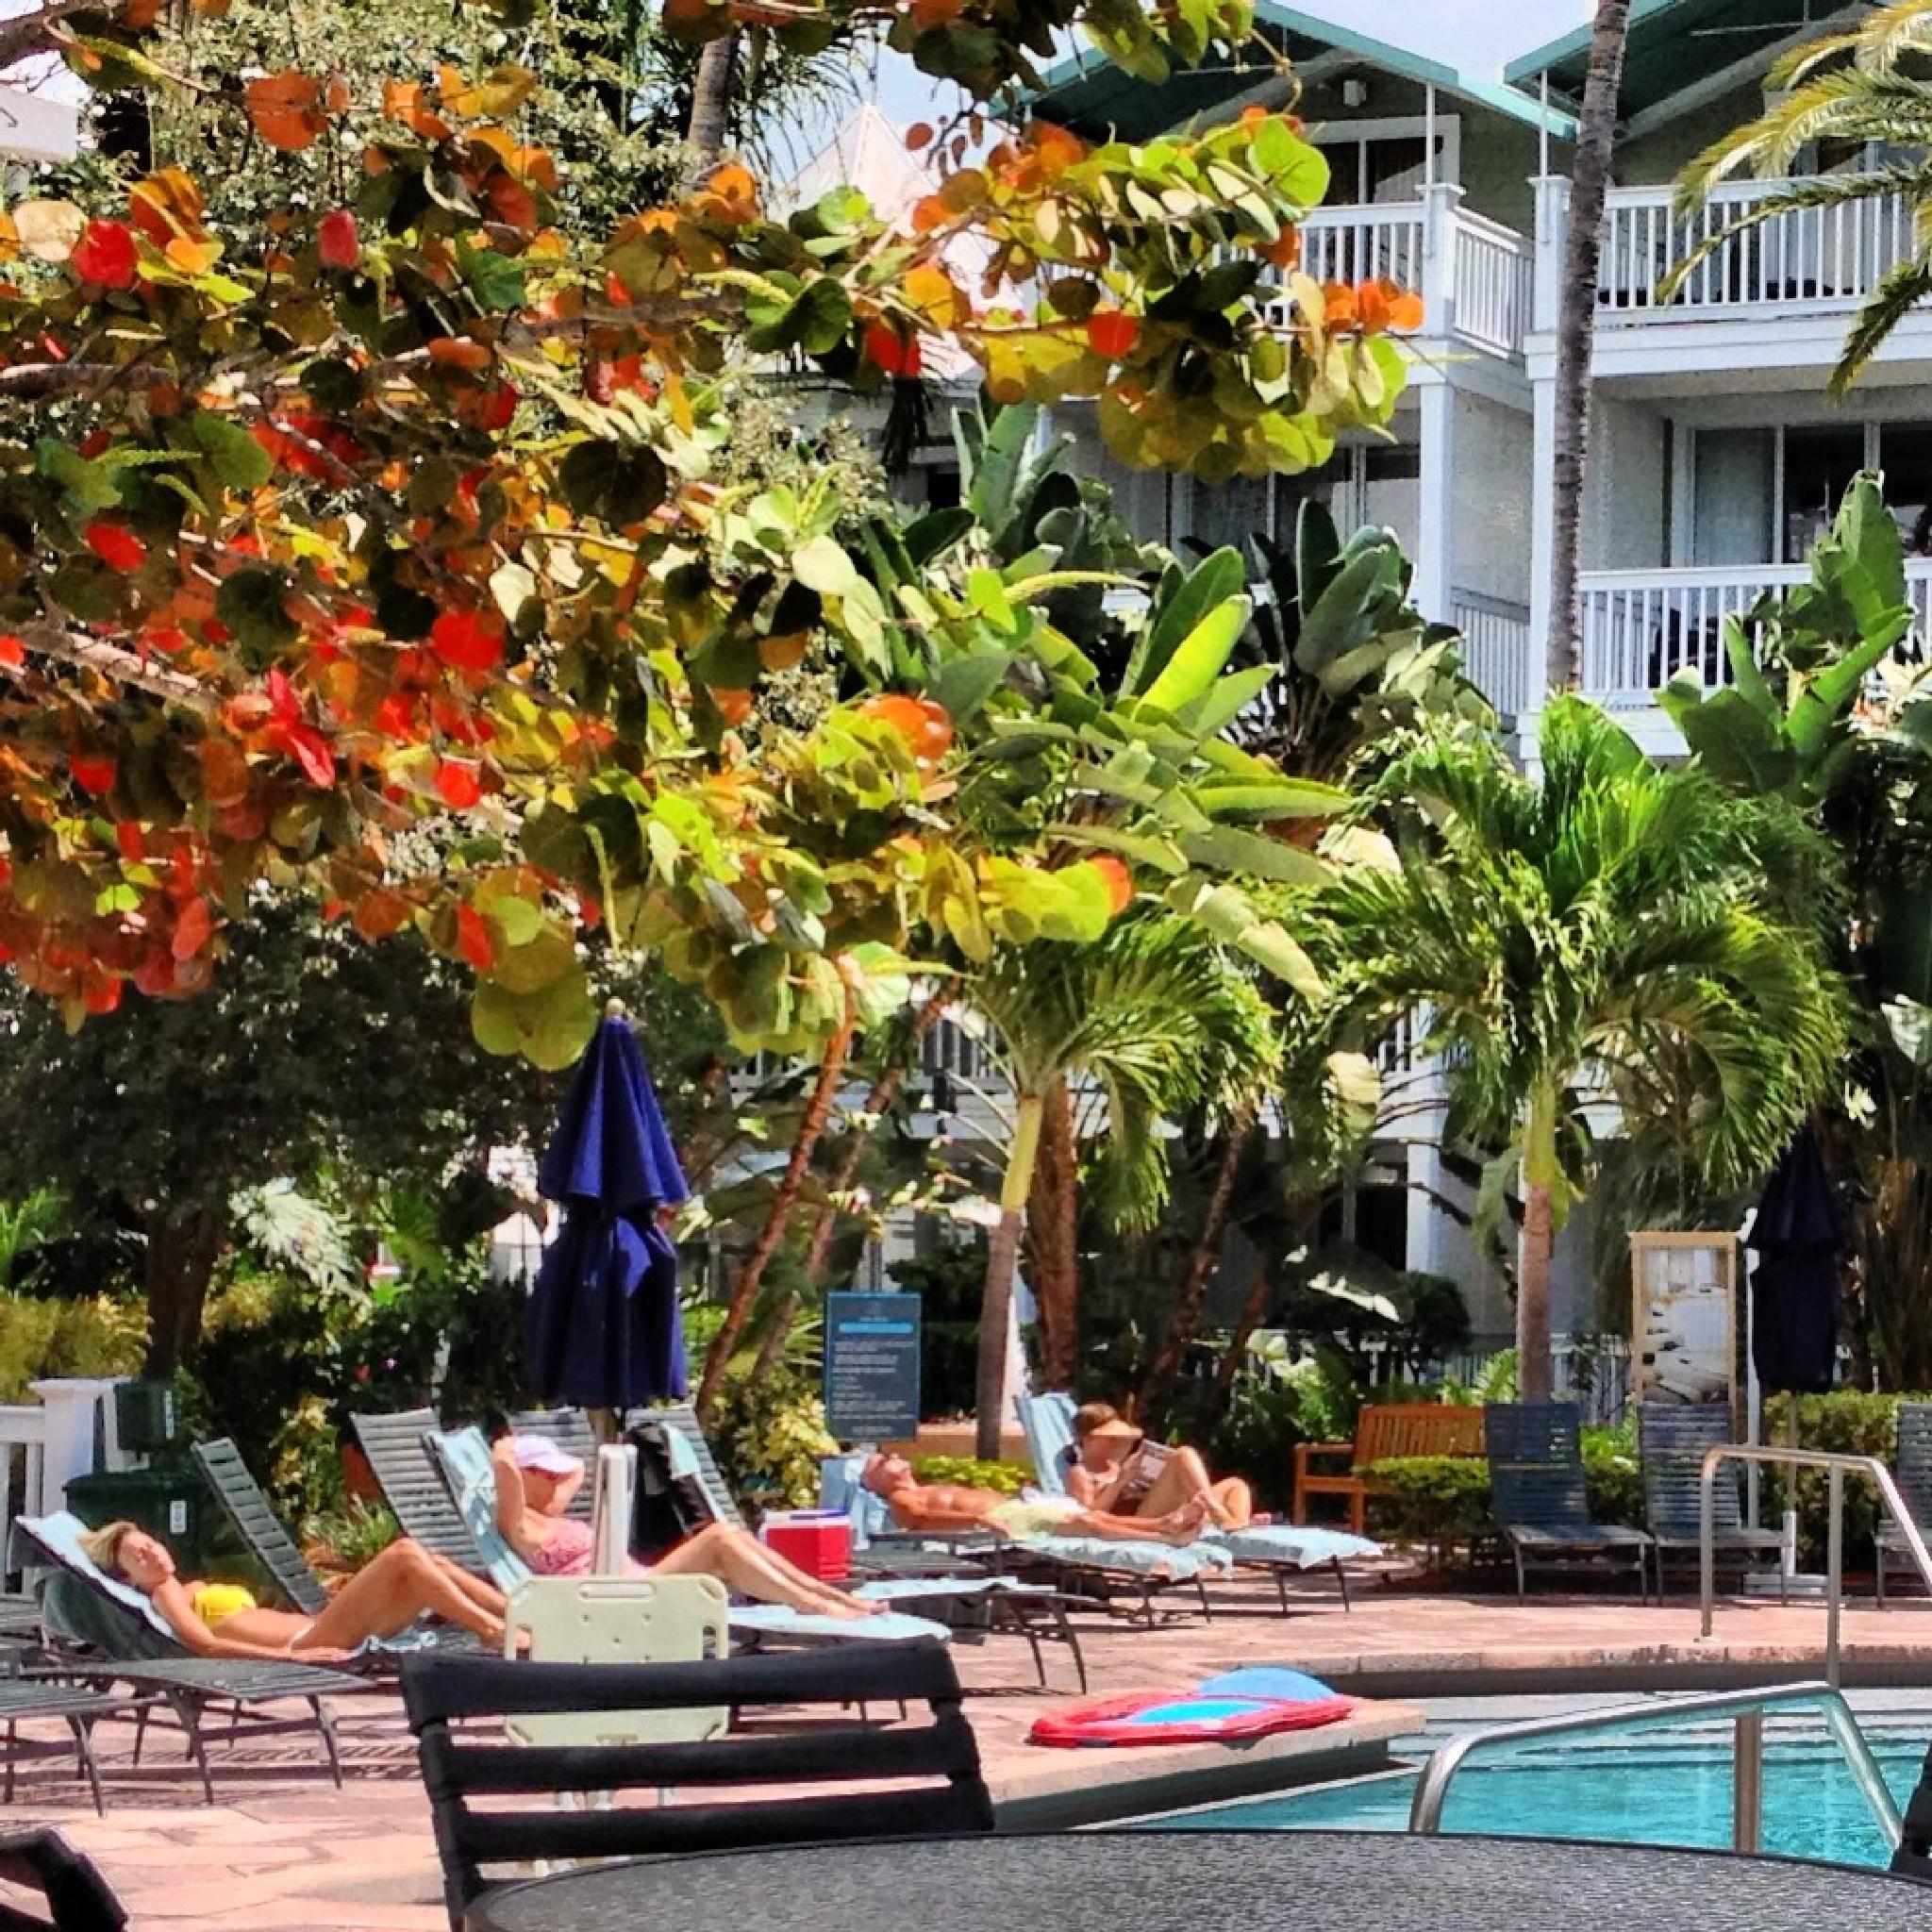 Poolside by Ed Fayette